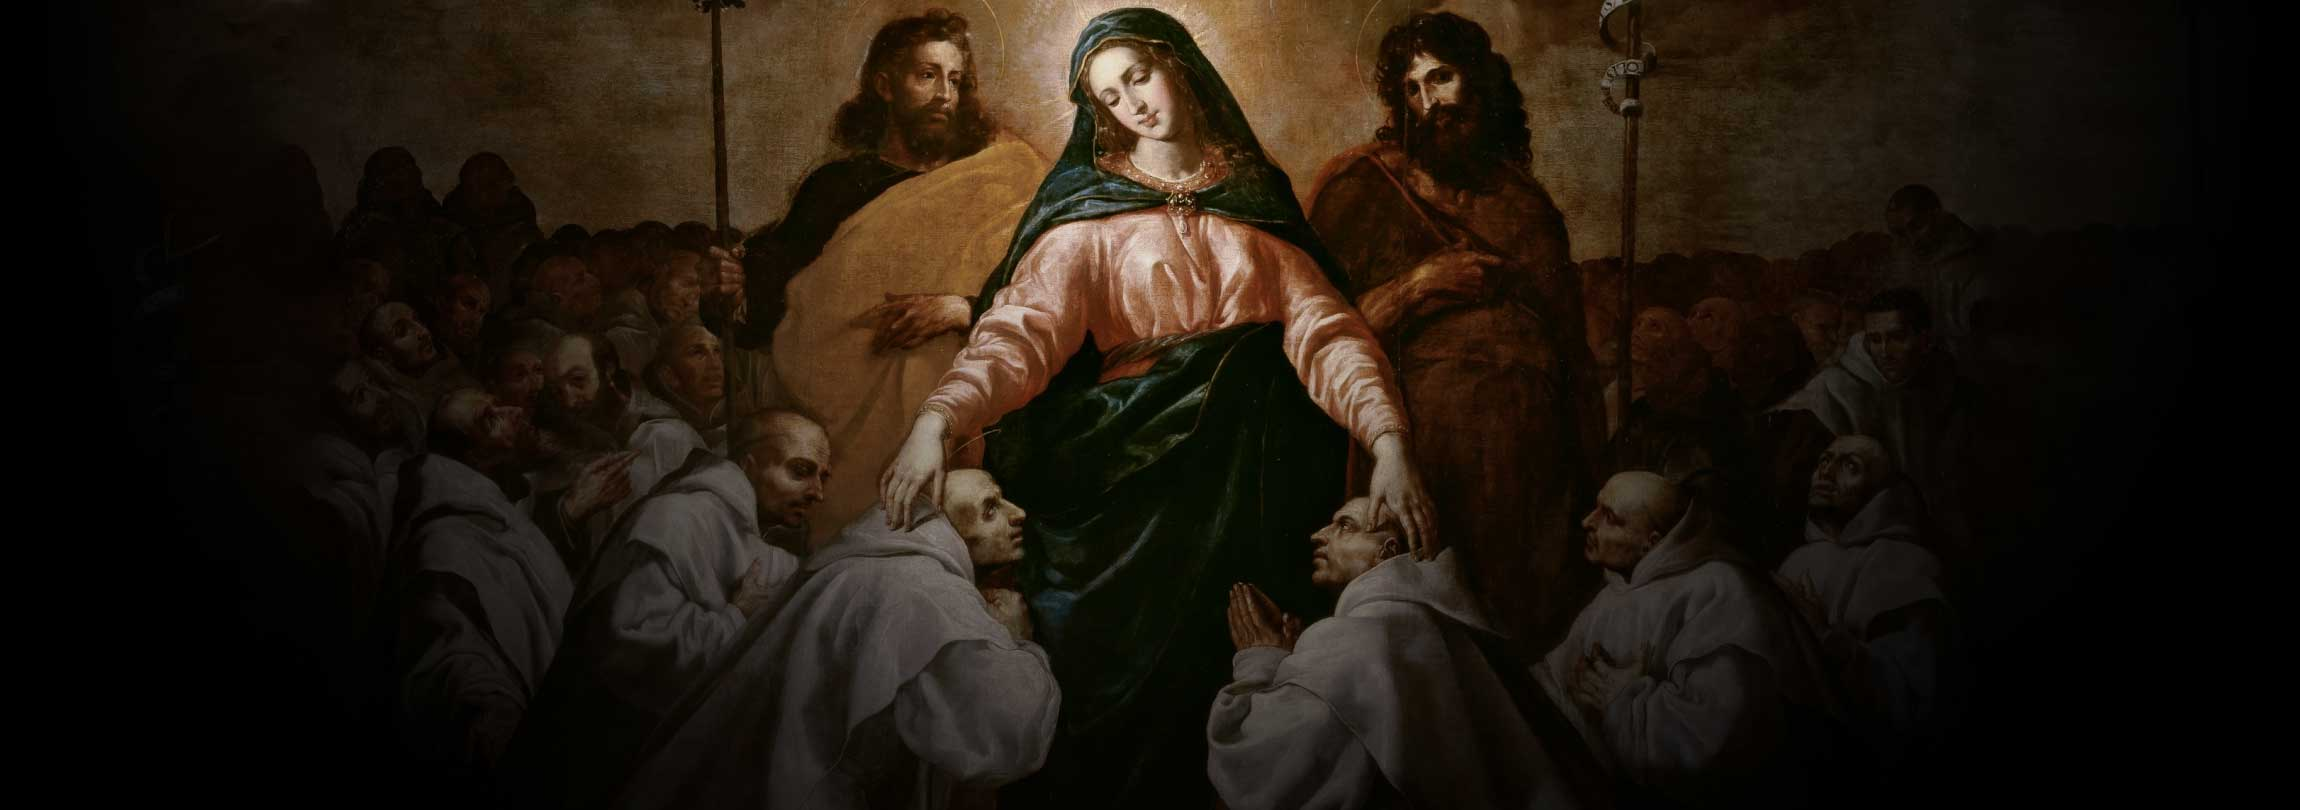 Os fundamentos da escravidão à Virgem Santíssima